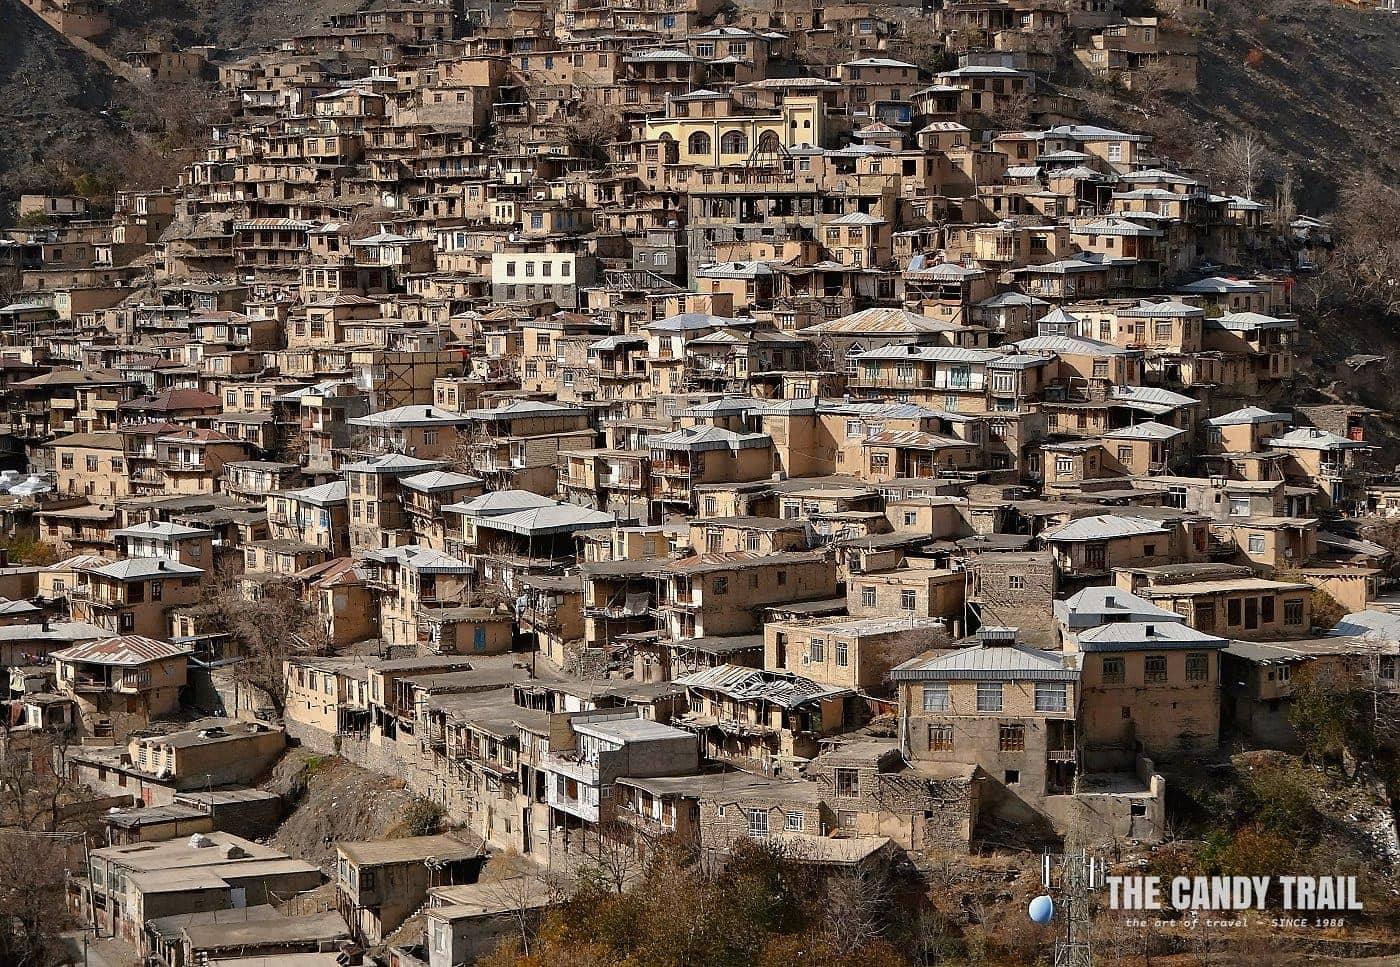 kang-village-iran